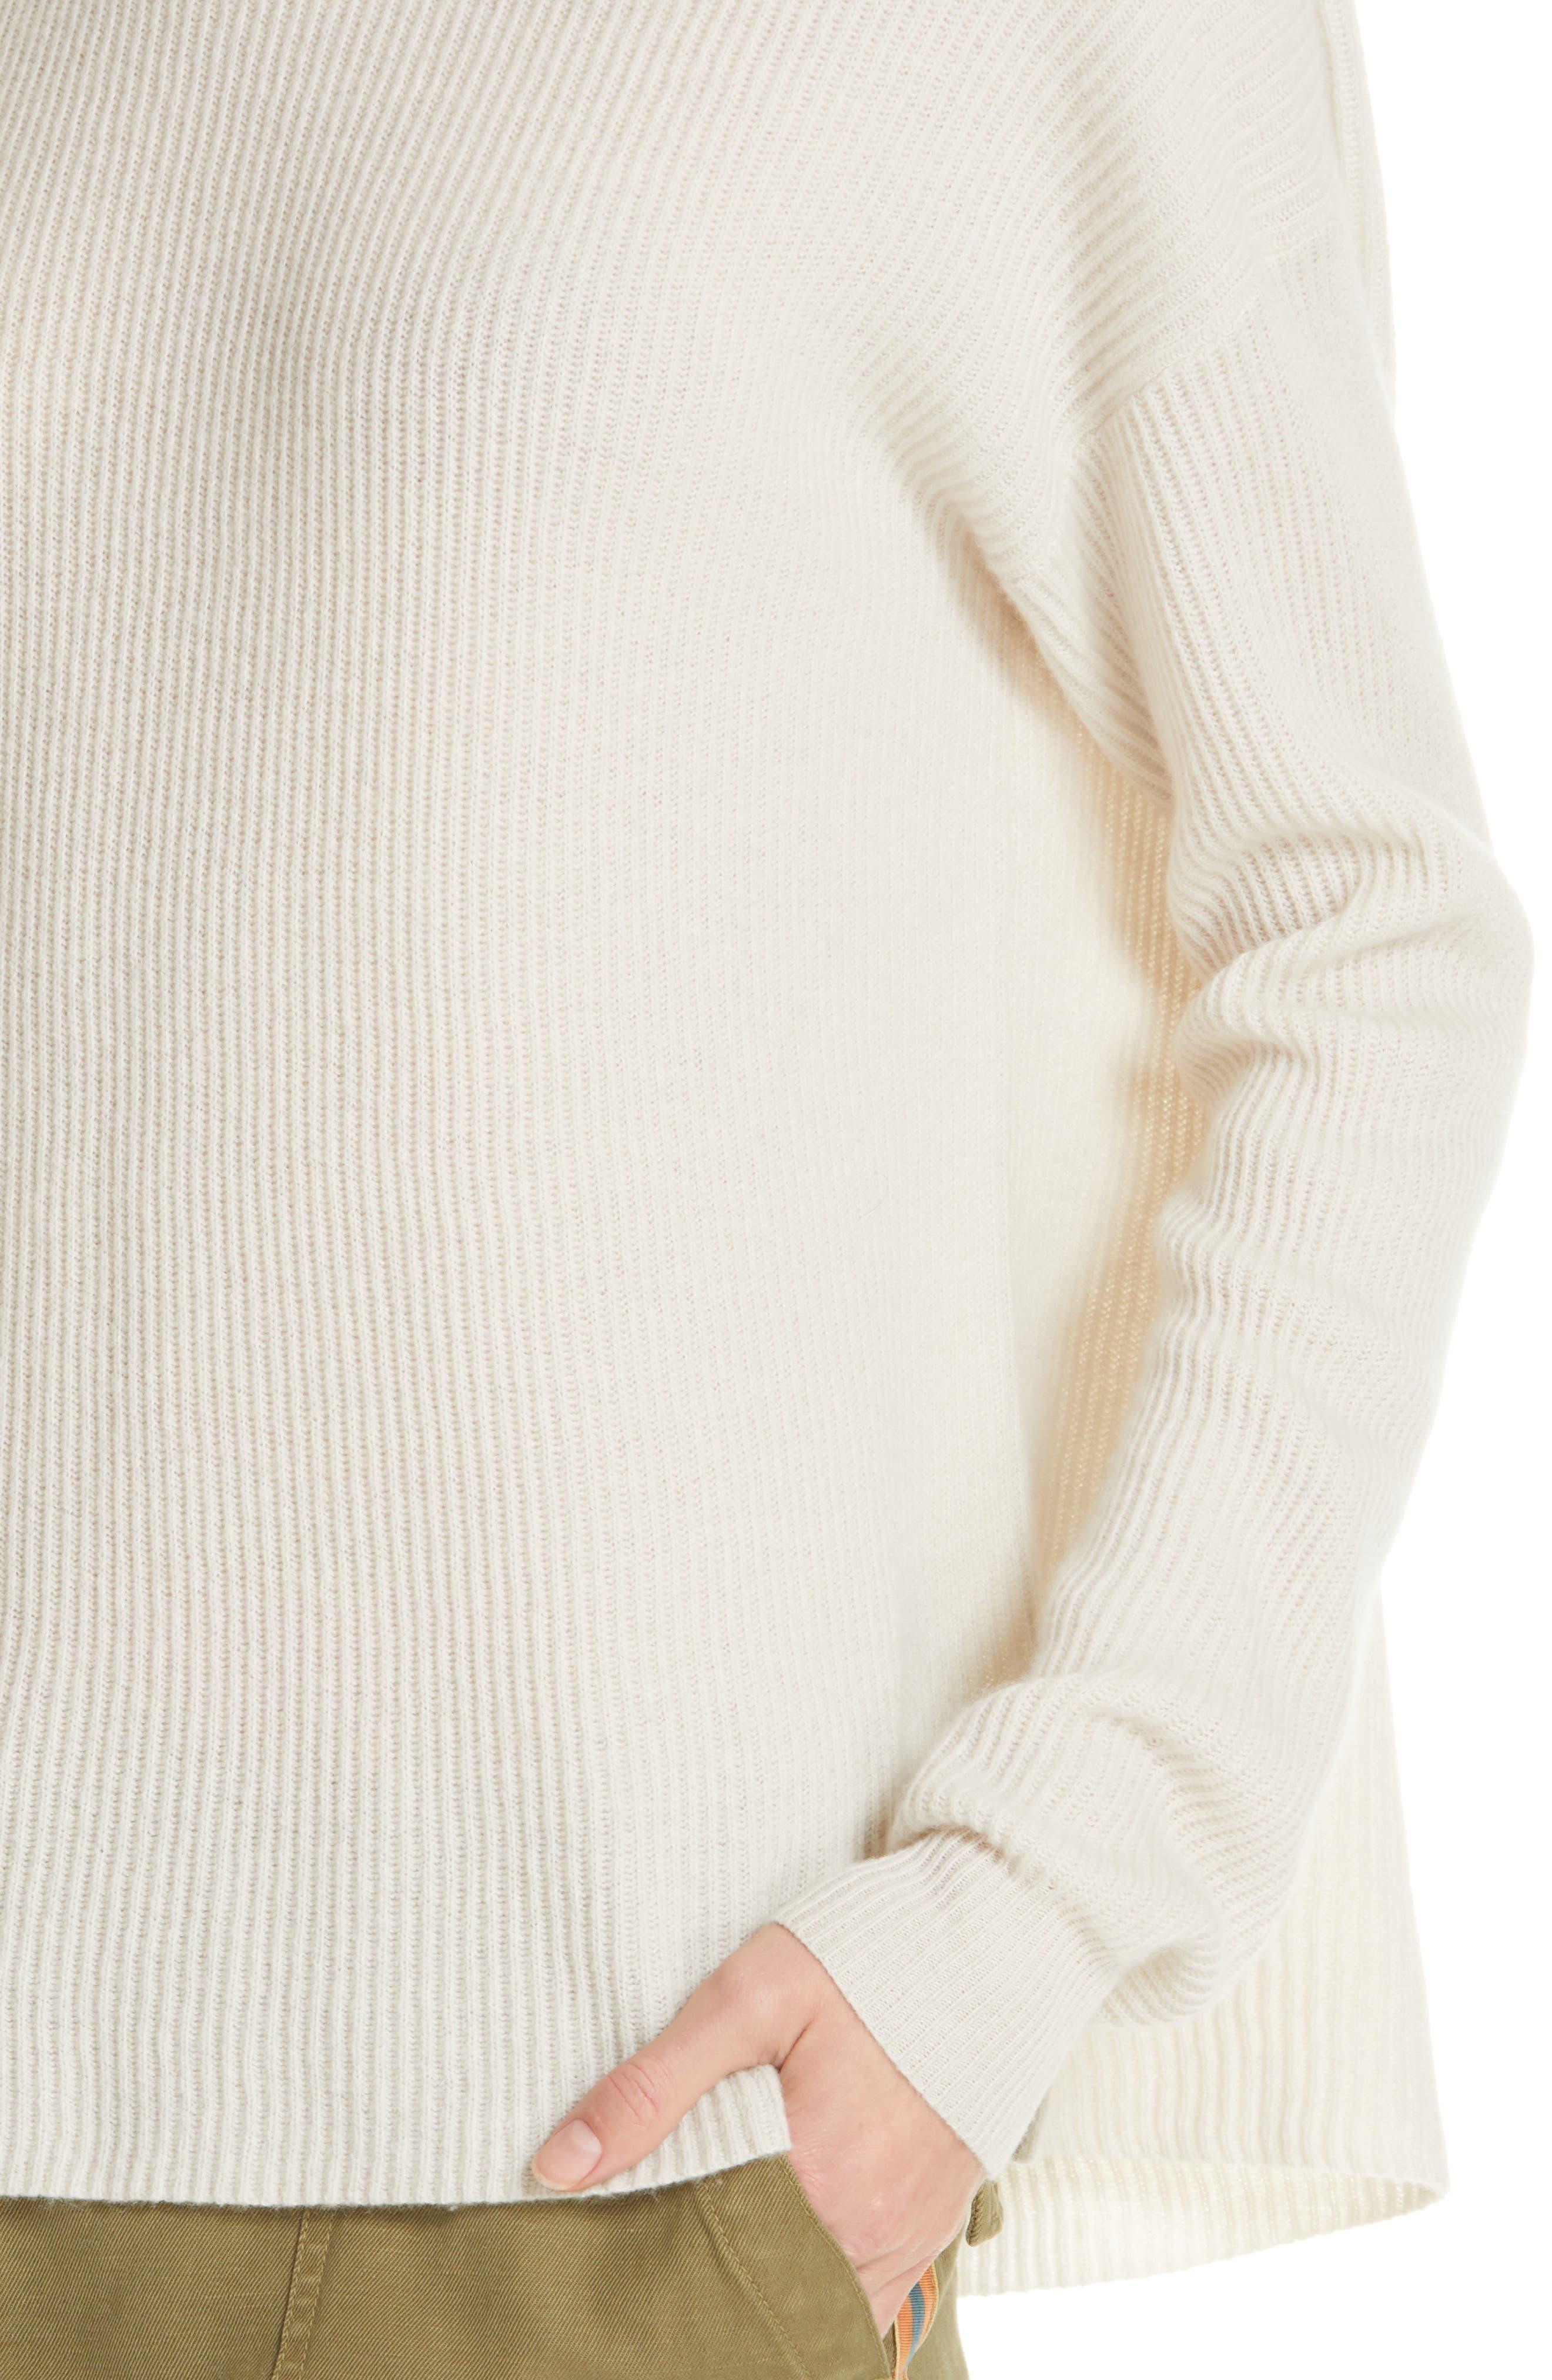 NILI LOTAN, Hadis Cashmere Sweater, Alternate thumbnail 4, color, IVORY